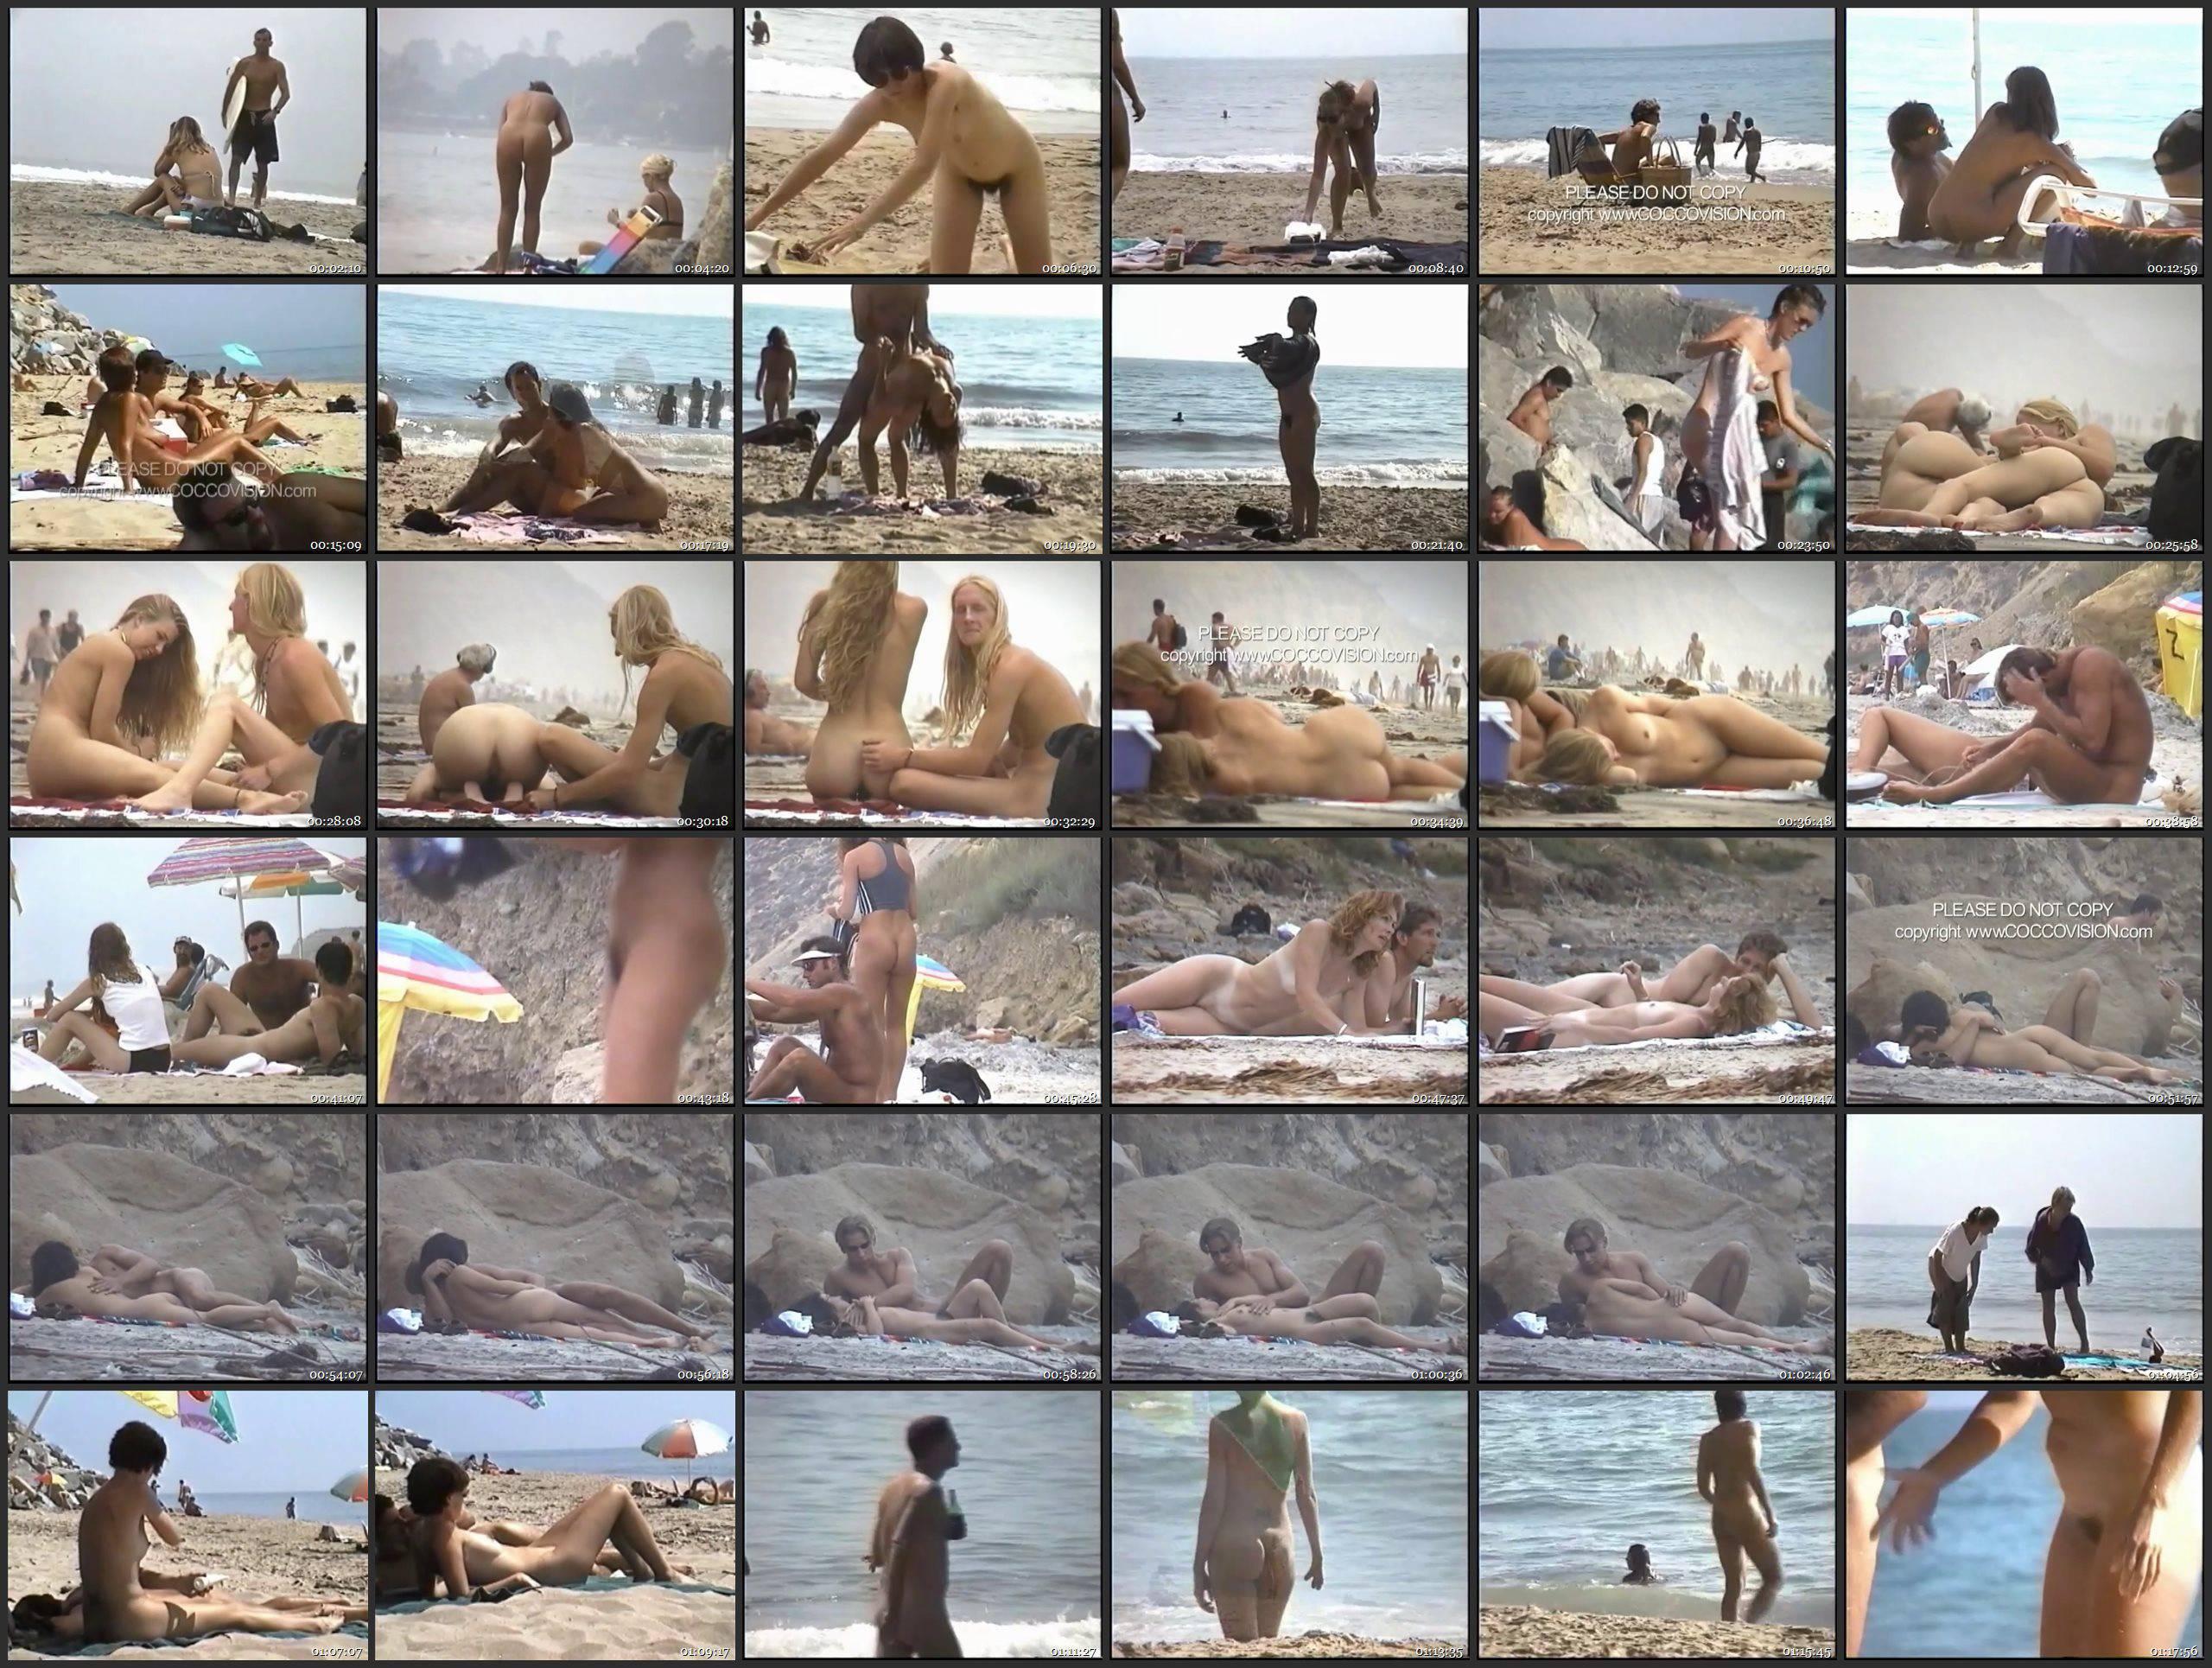 FKK Videos-Brads California Dreamers 3 - Thumbnails